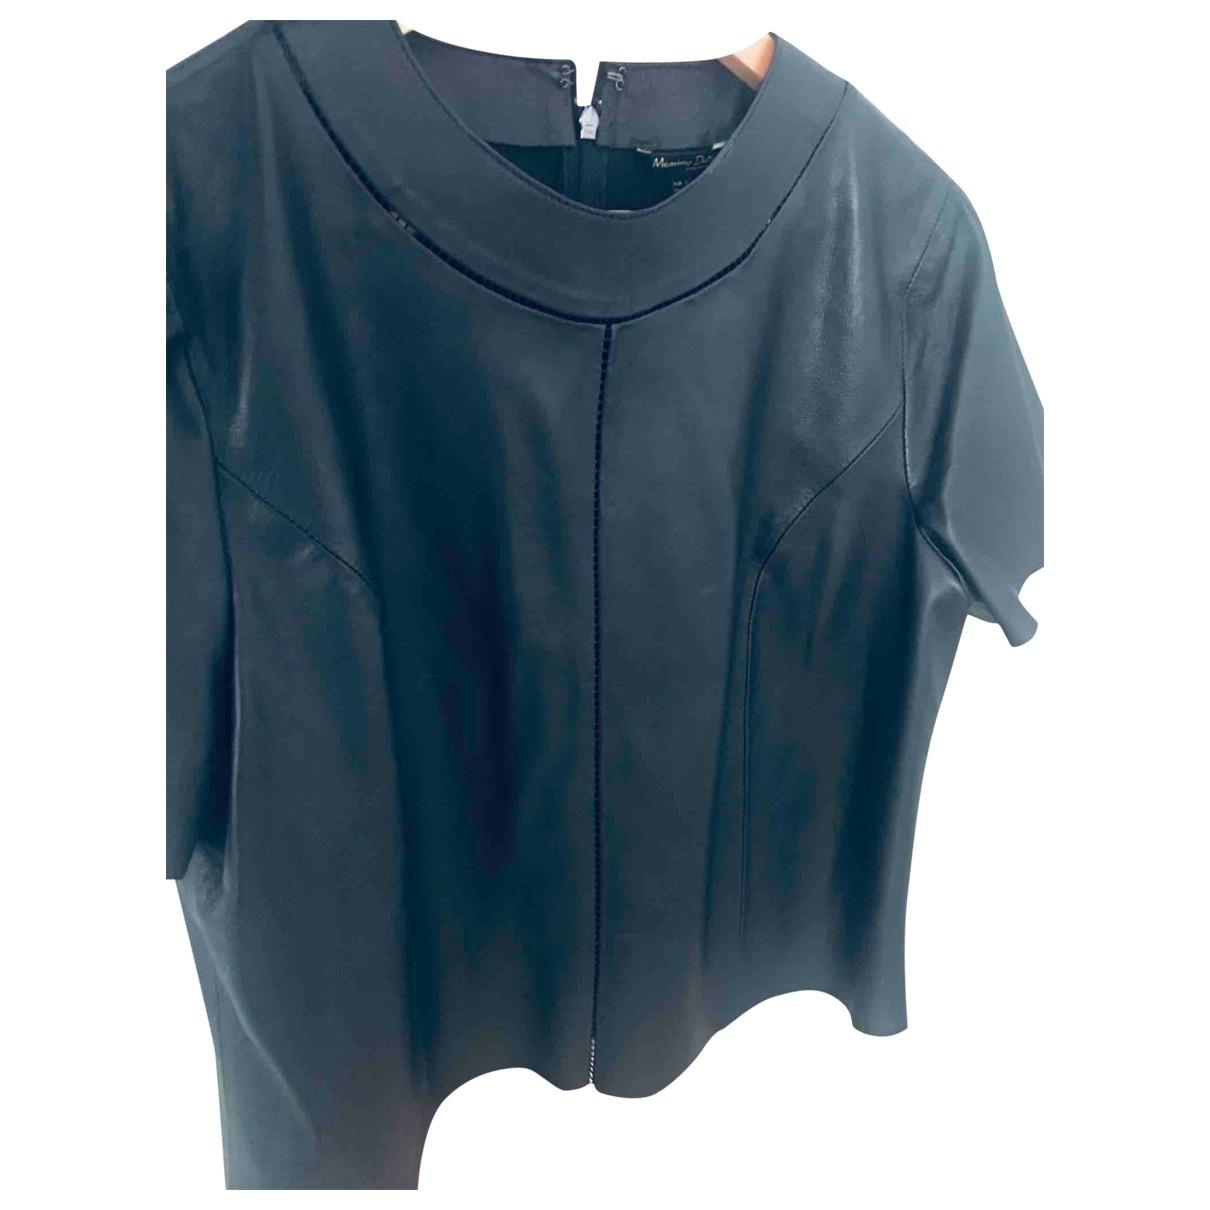 Massimo Dutti - Top   pour femme en cuir - noir